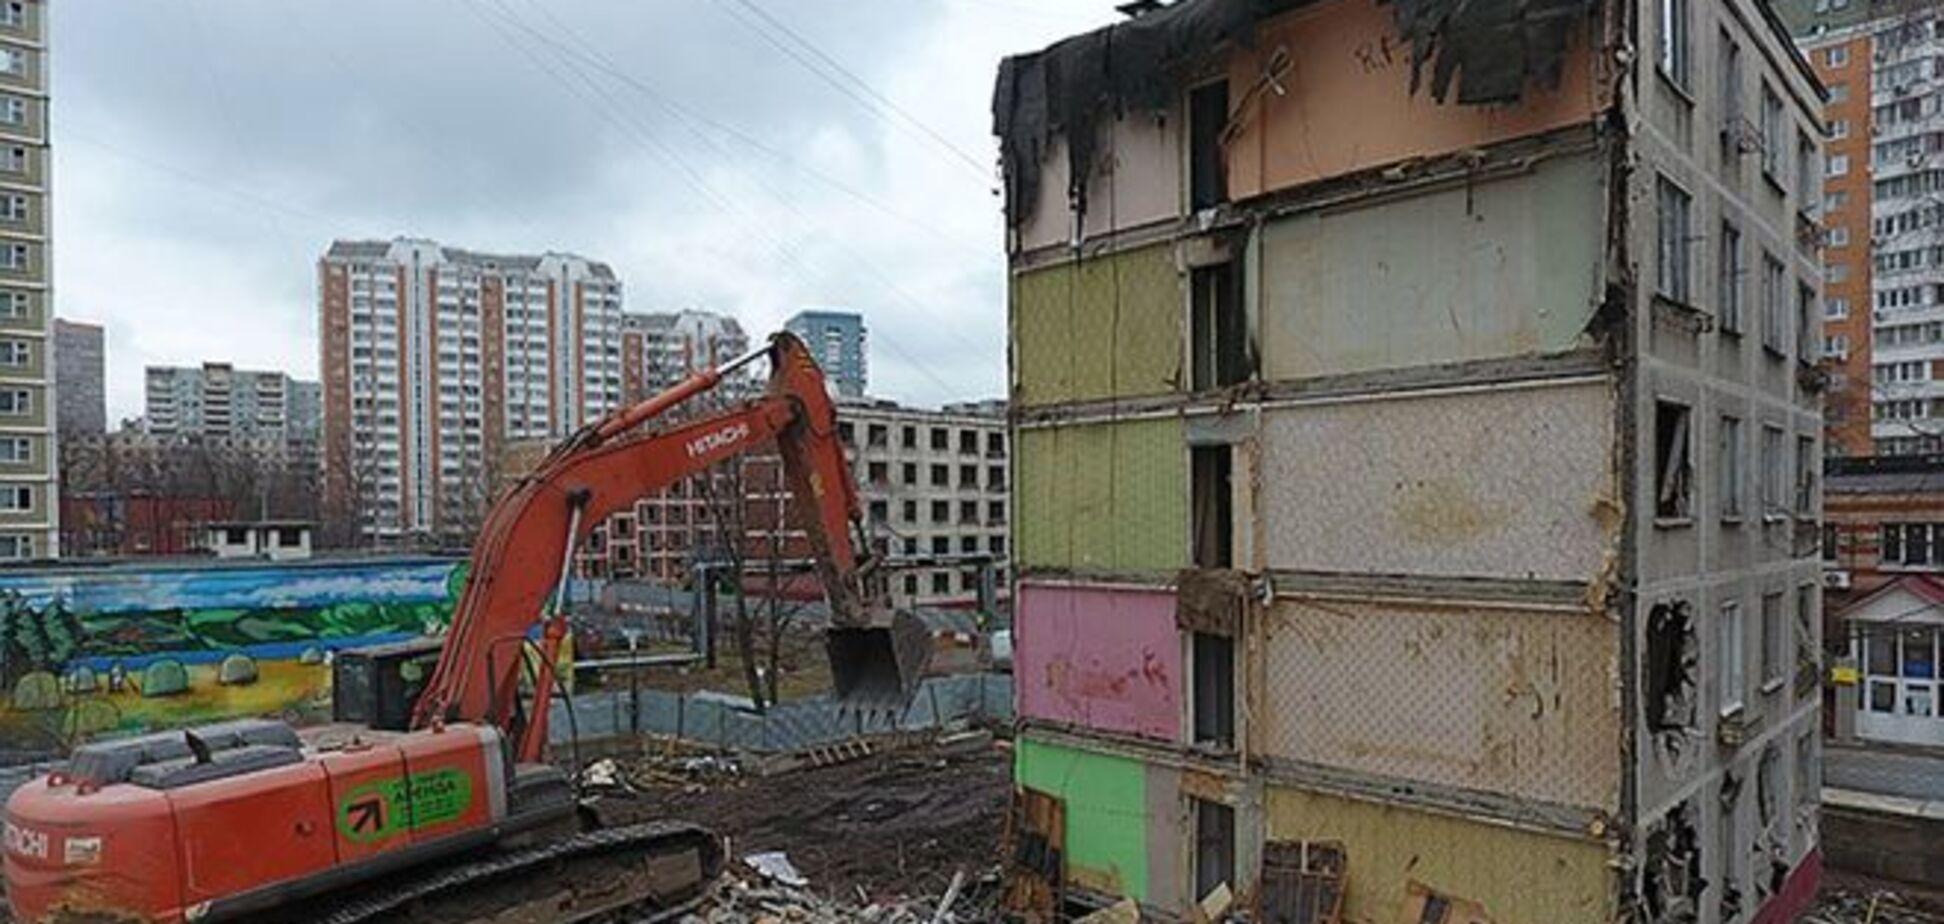 Знесення 'хрущовок' в Україні: ринку житла напророкували стрибок цін